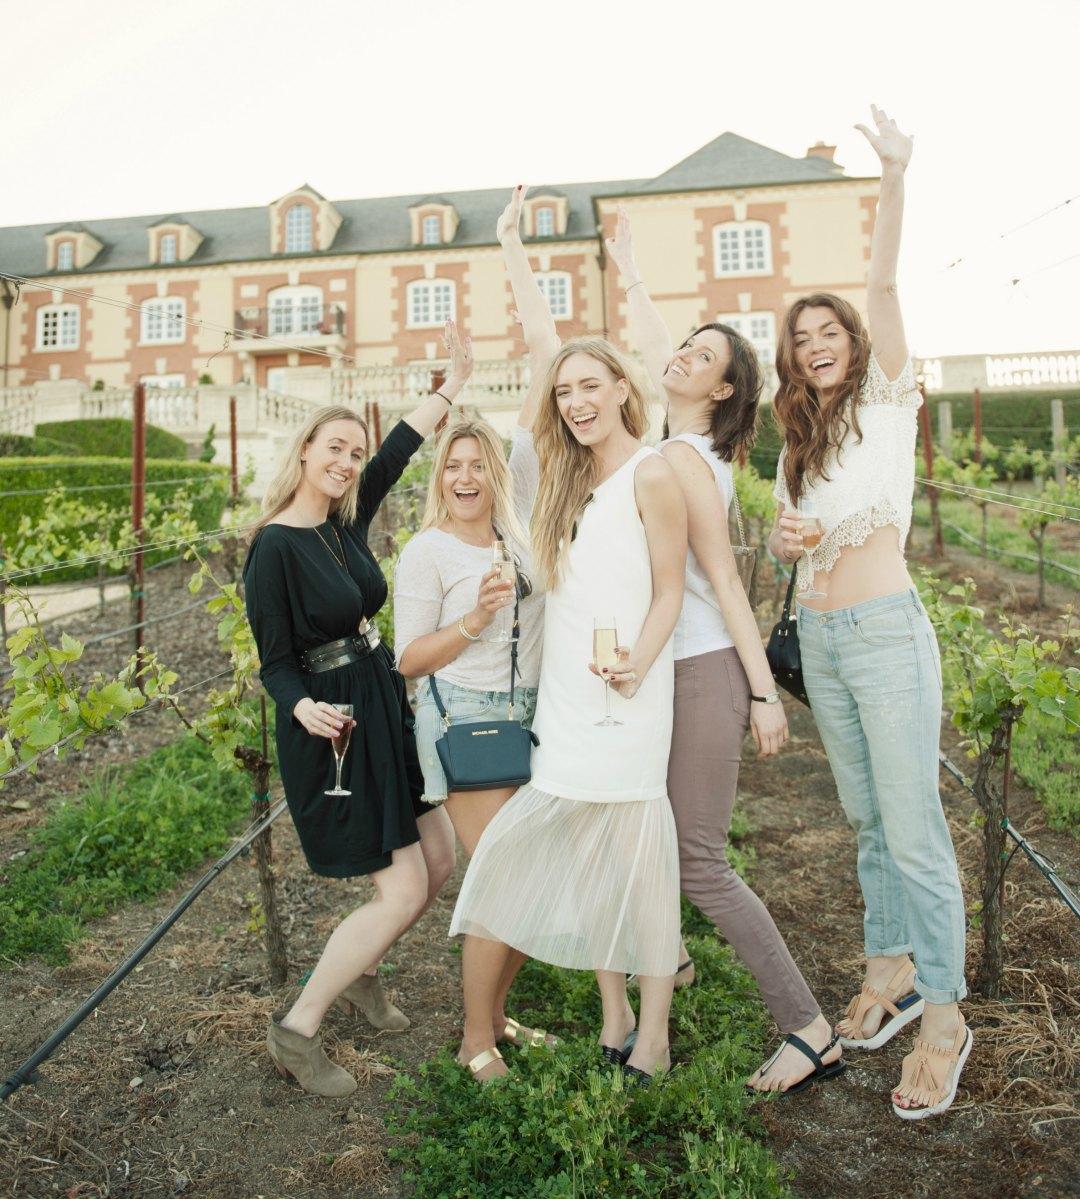 best bachelorette party ideas 2019